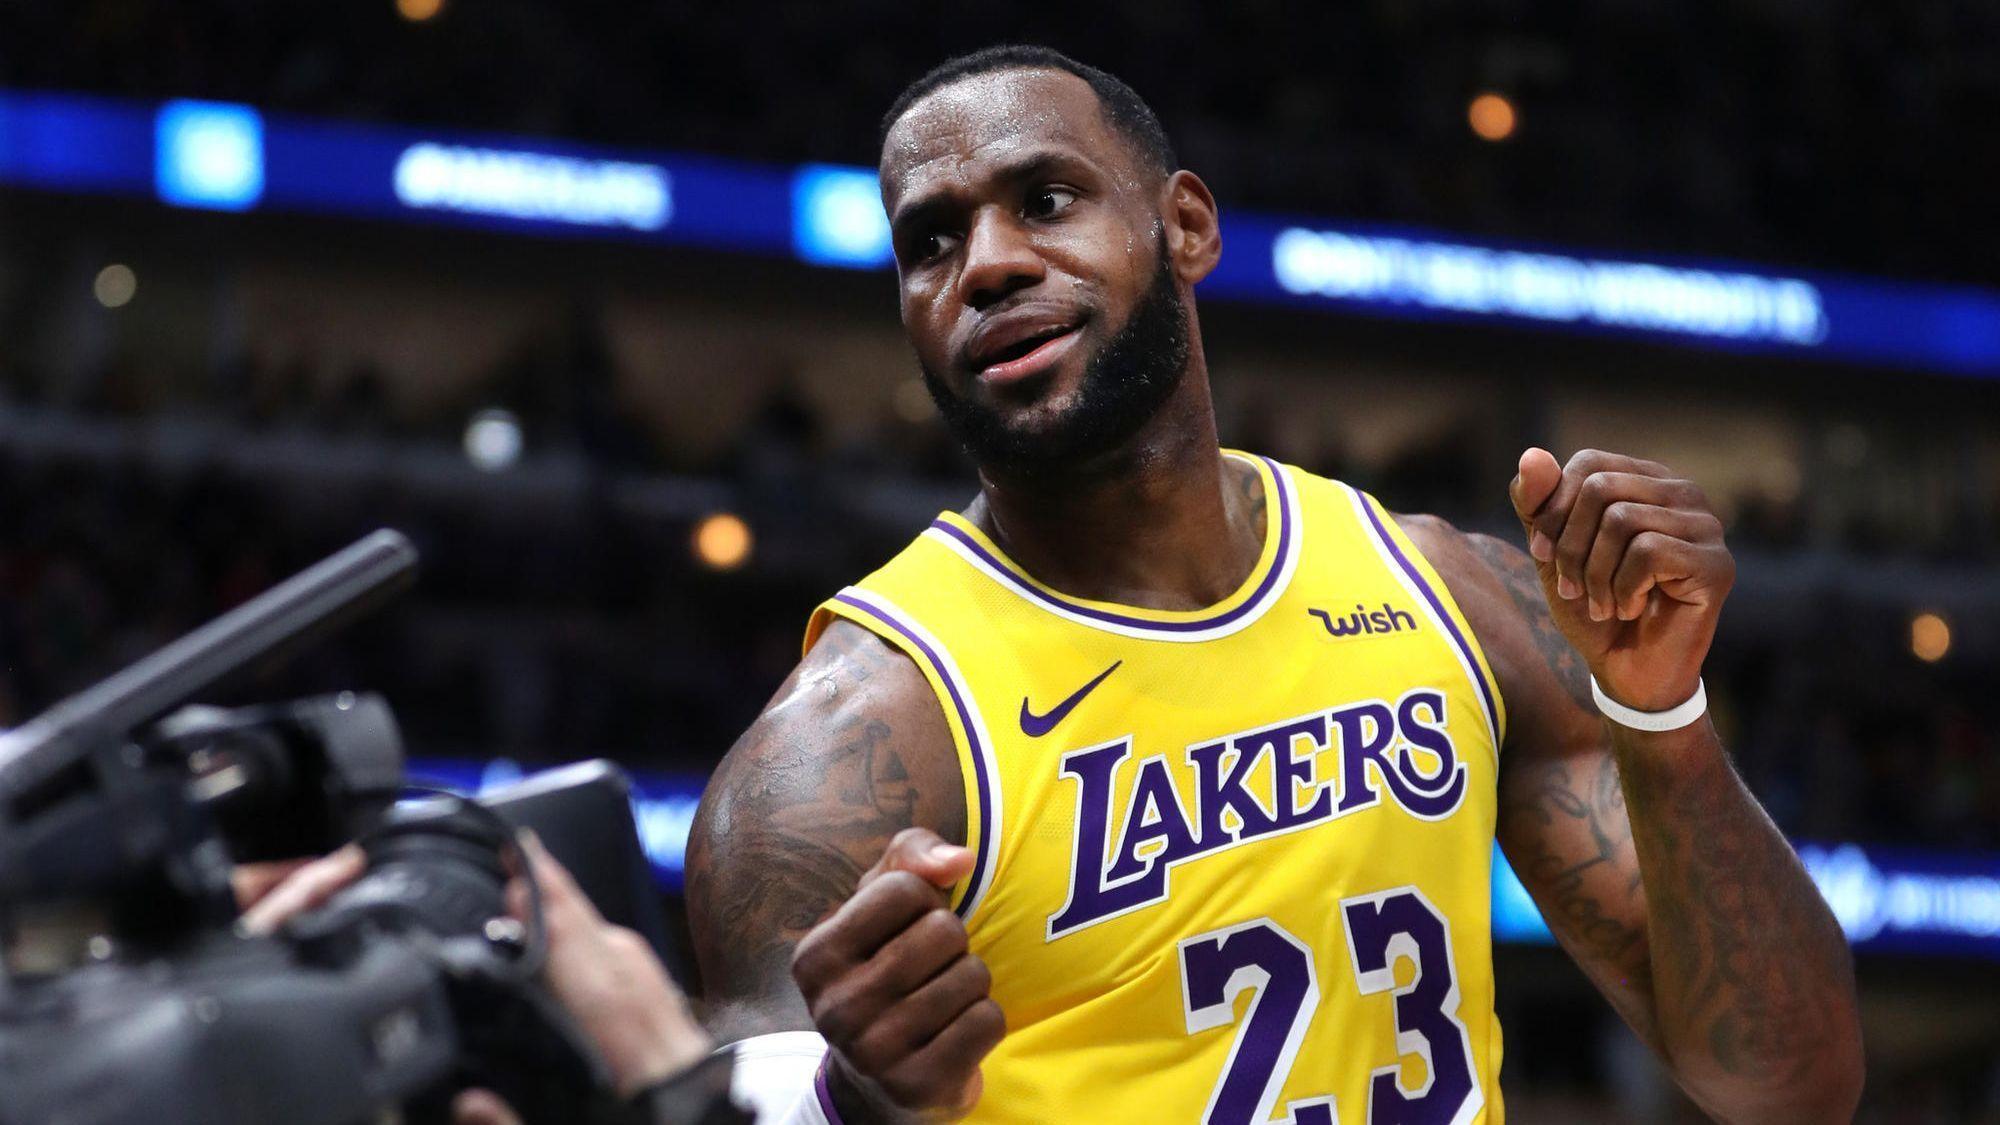 Sẽ thế nào nếu NBA không còn Lebron James?